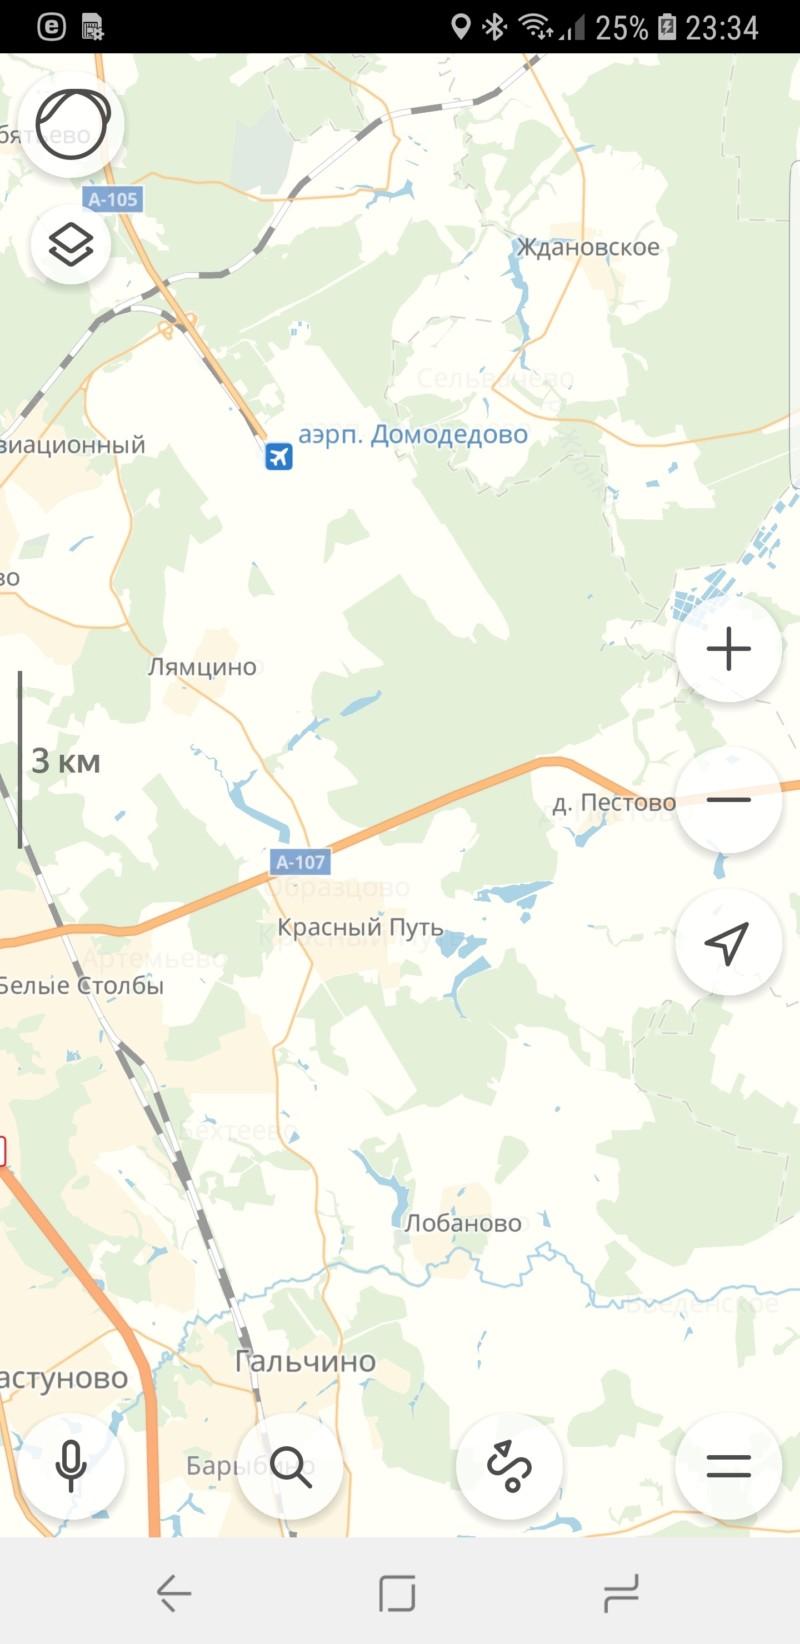 Бисеровский рыбхоз 18.08.18. - Страница 3 20180827